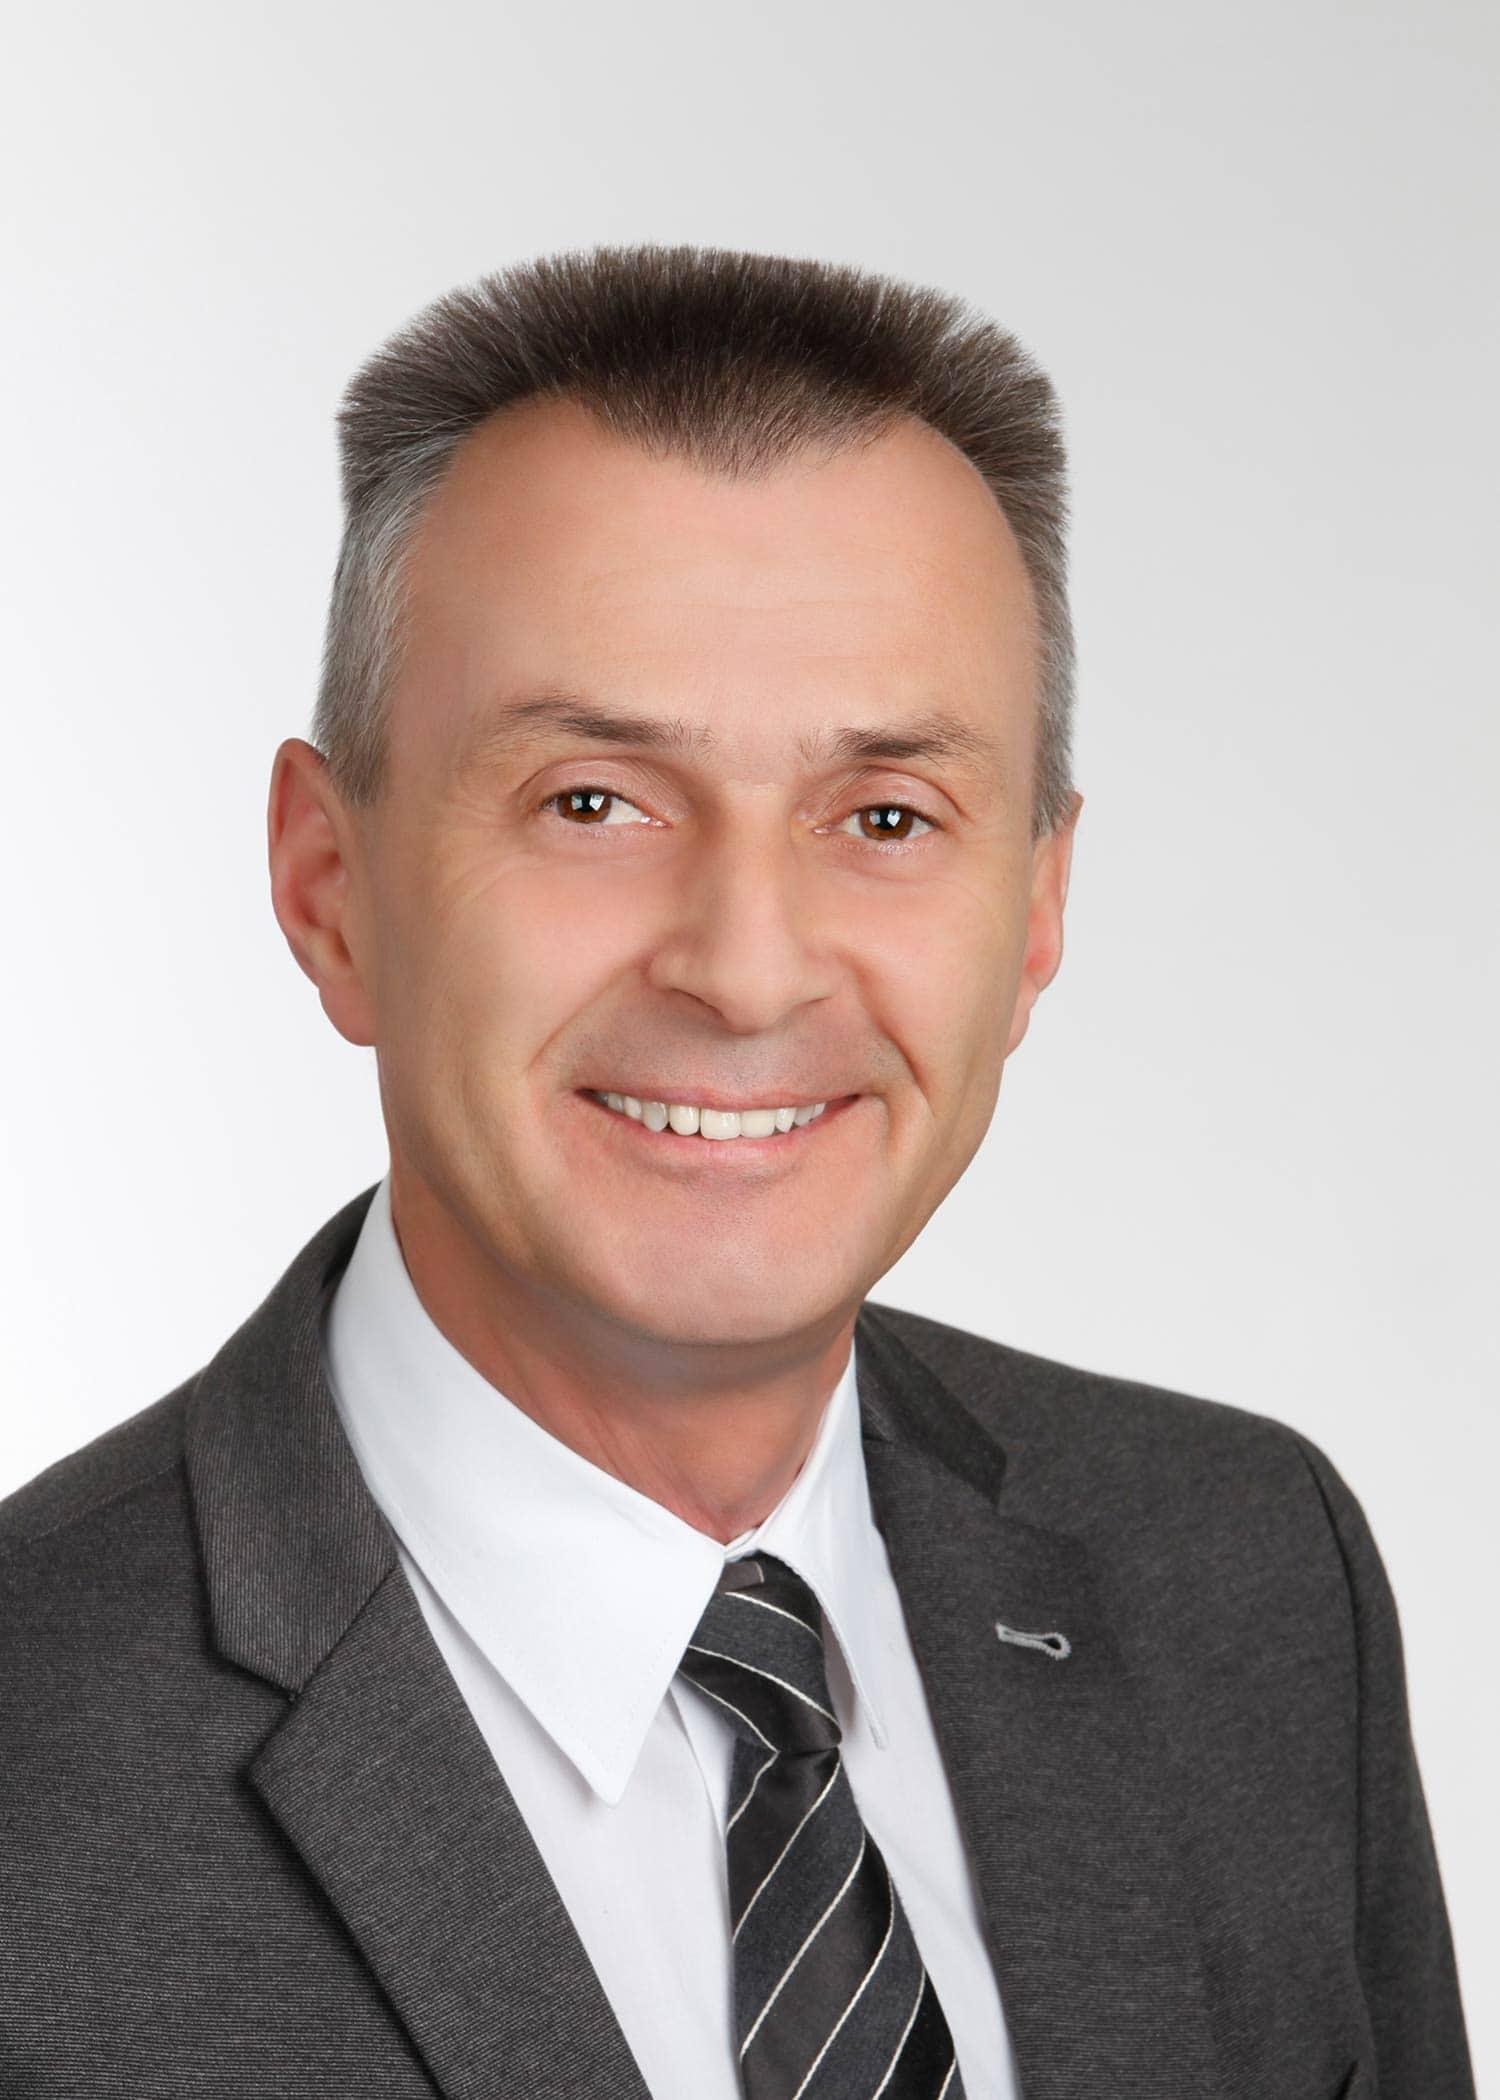 Amtswechsel in Pfatter: Knapp gewann Johann Biederer von der FWG (Freien Wählergemeinschaft) mit 56,23 Prozent der Stimmen vor seinen Konkurrenten Jürgen Koch von der CSU/UW (Christlich-Soziale Union/ Unabhängige Wähler).